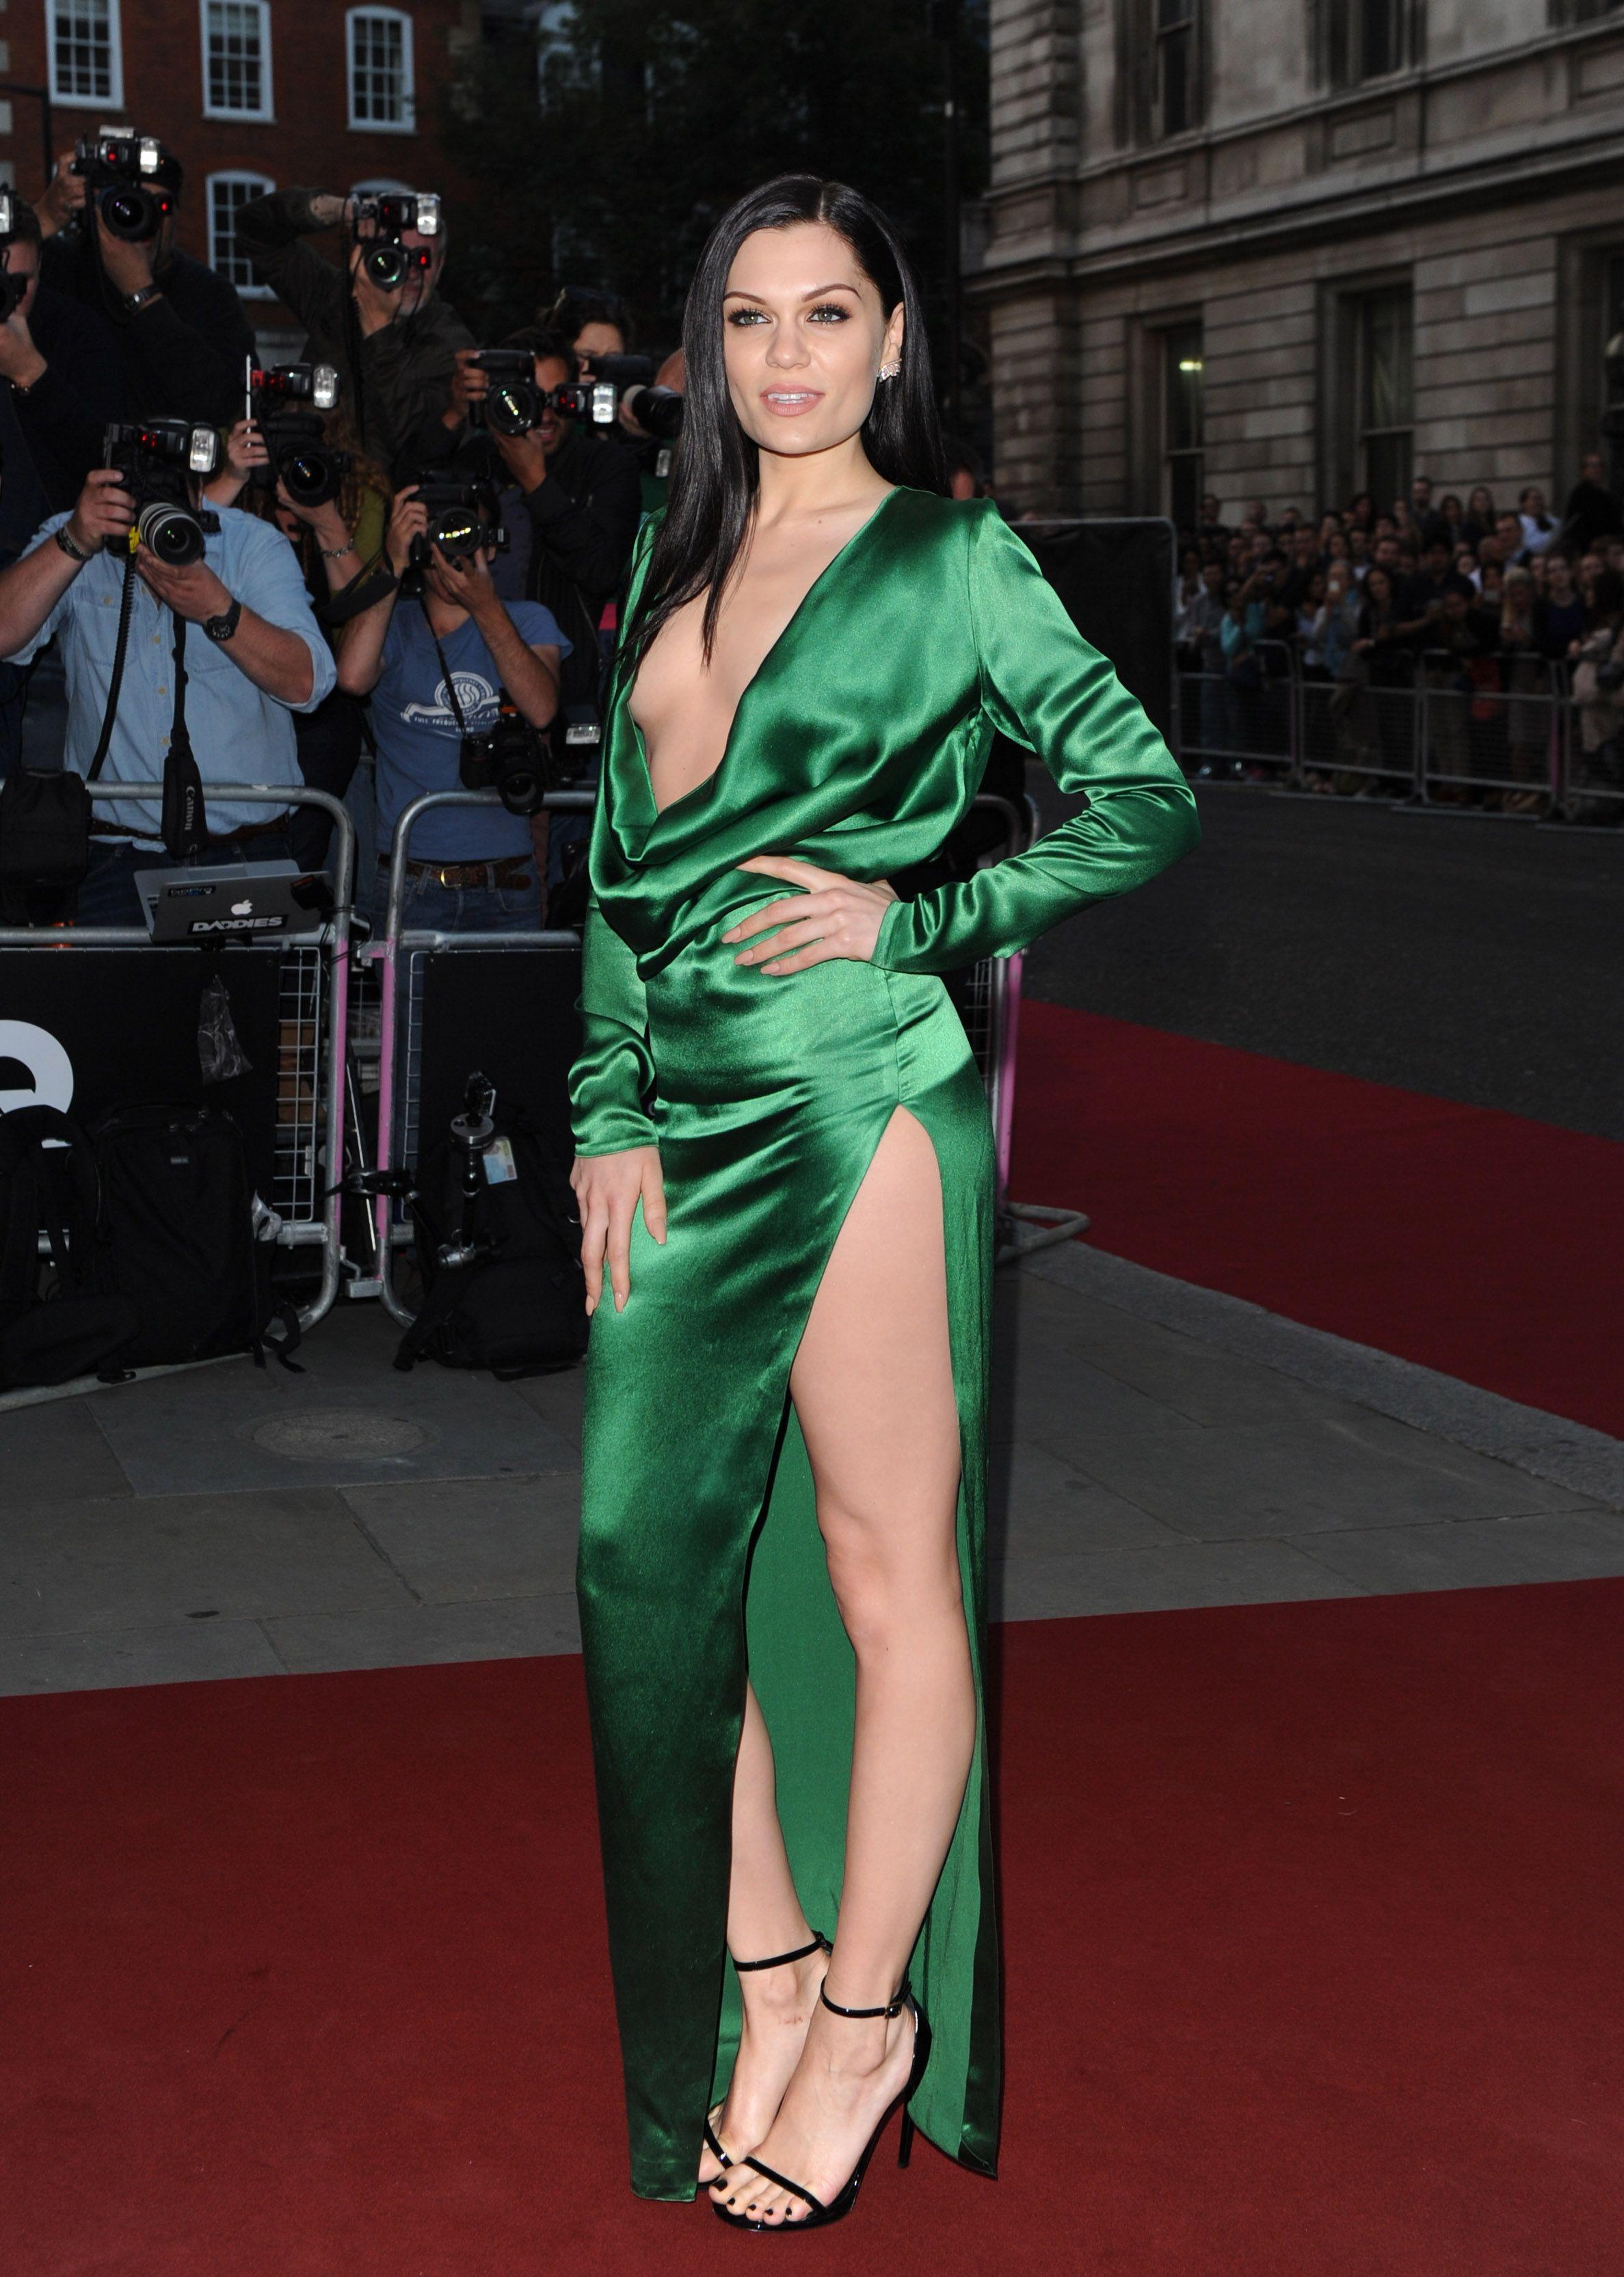 Feet Jessie J nudes (79 photos), Tits, Bikini, Boobs, butt 2019